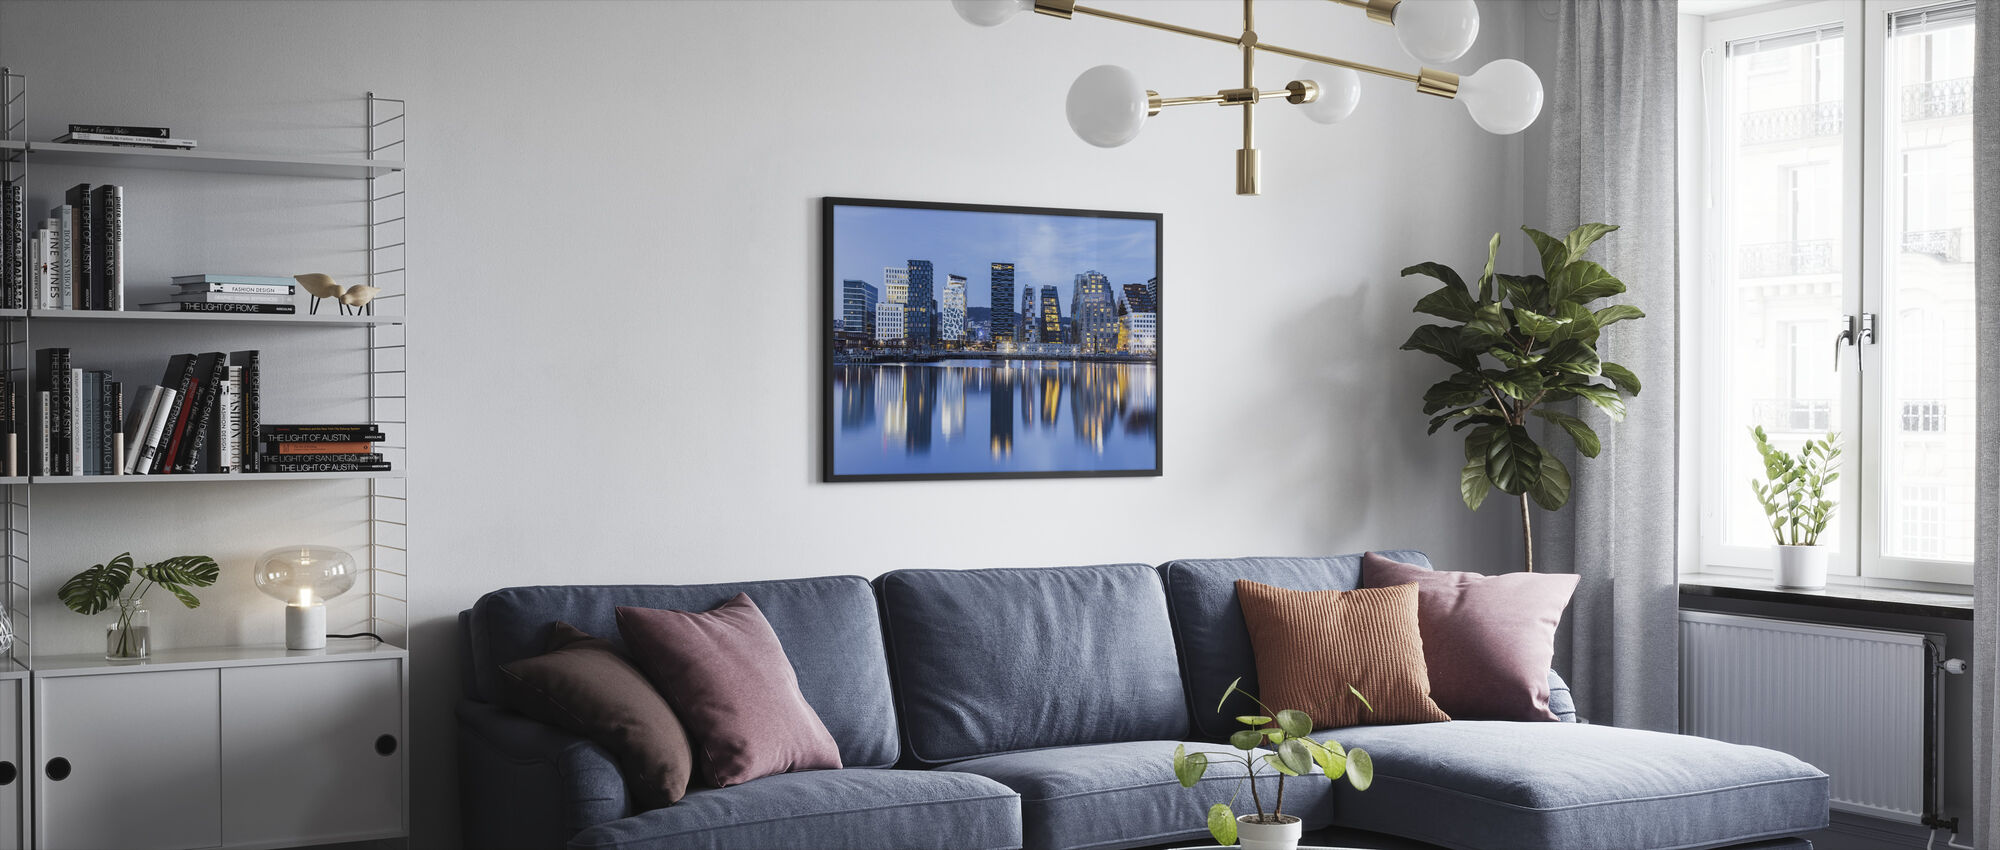 Oslo bybilde etter natt, Norge - Innrammet bilde - Stue